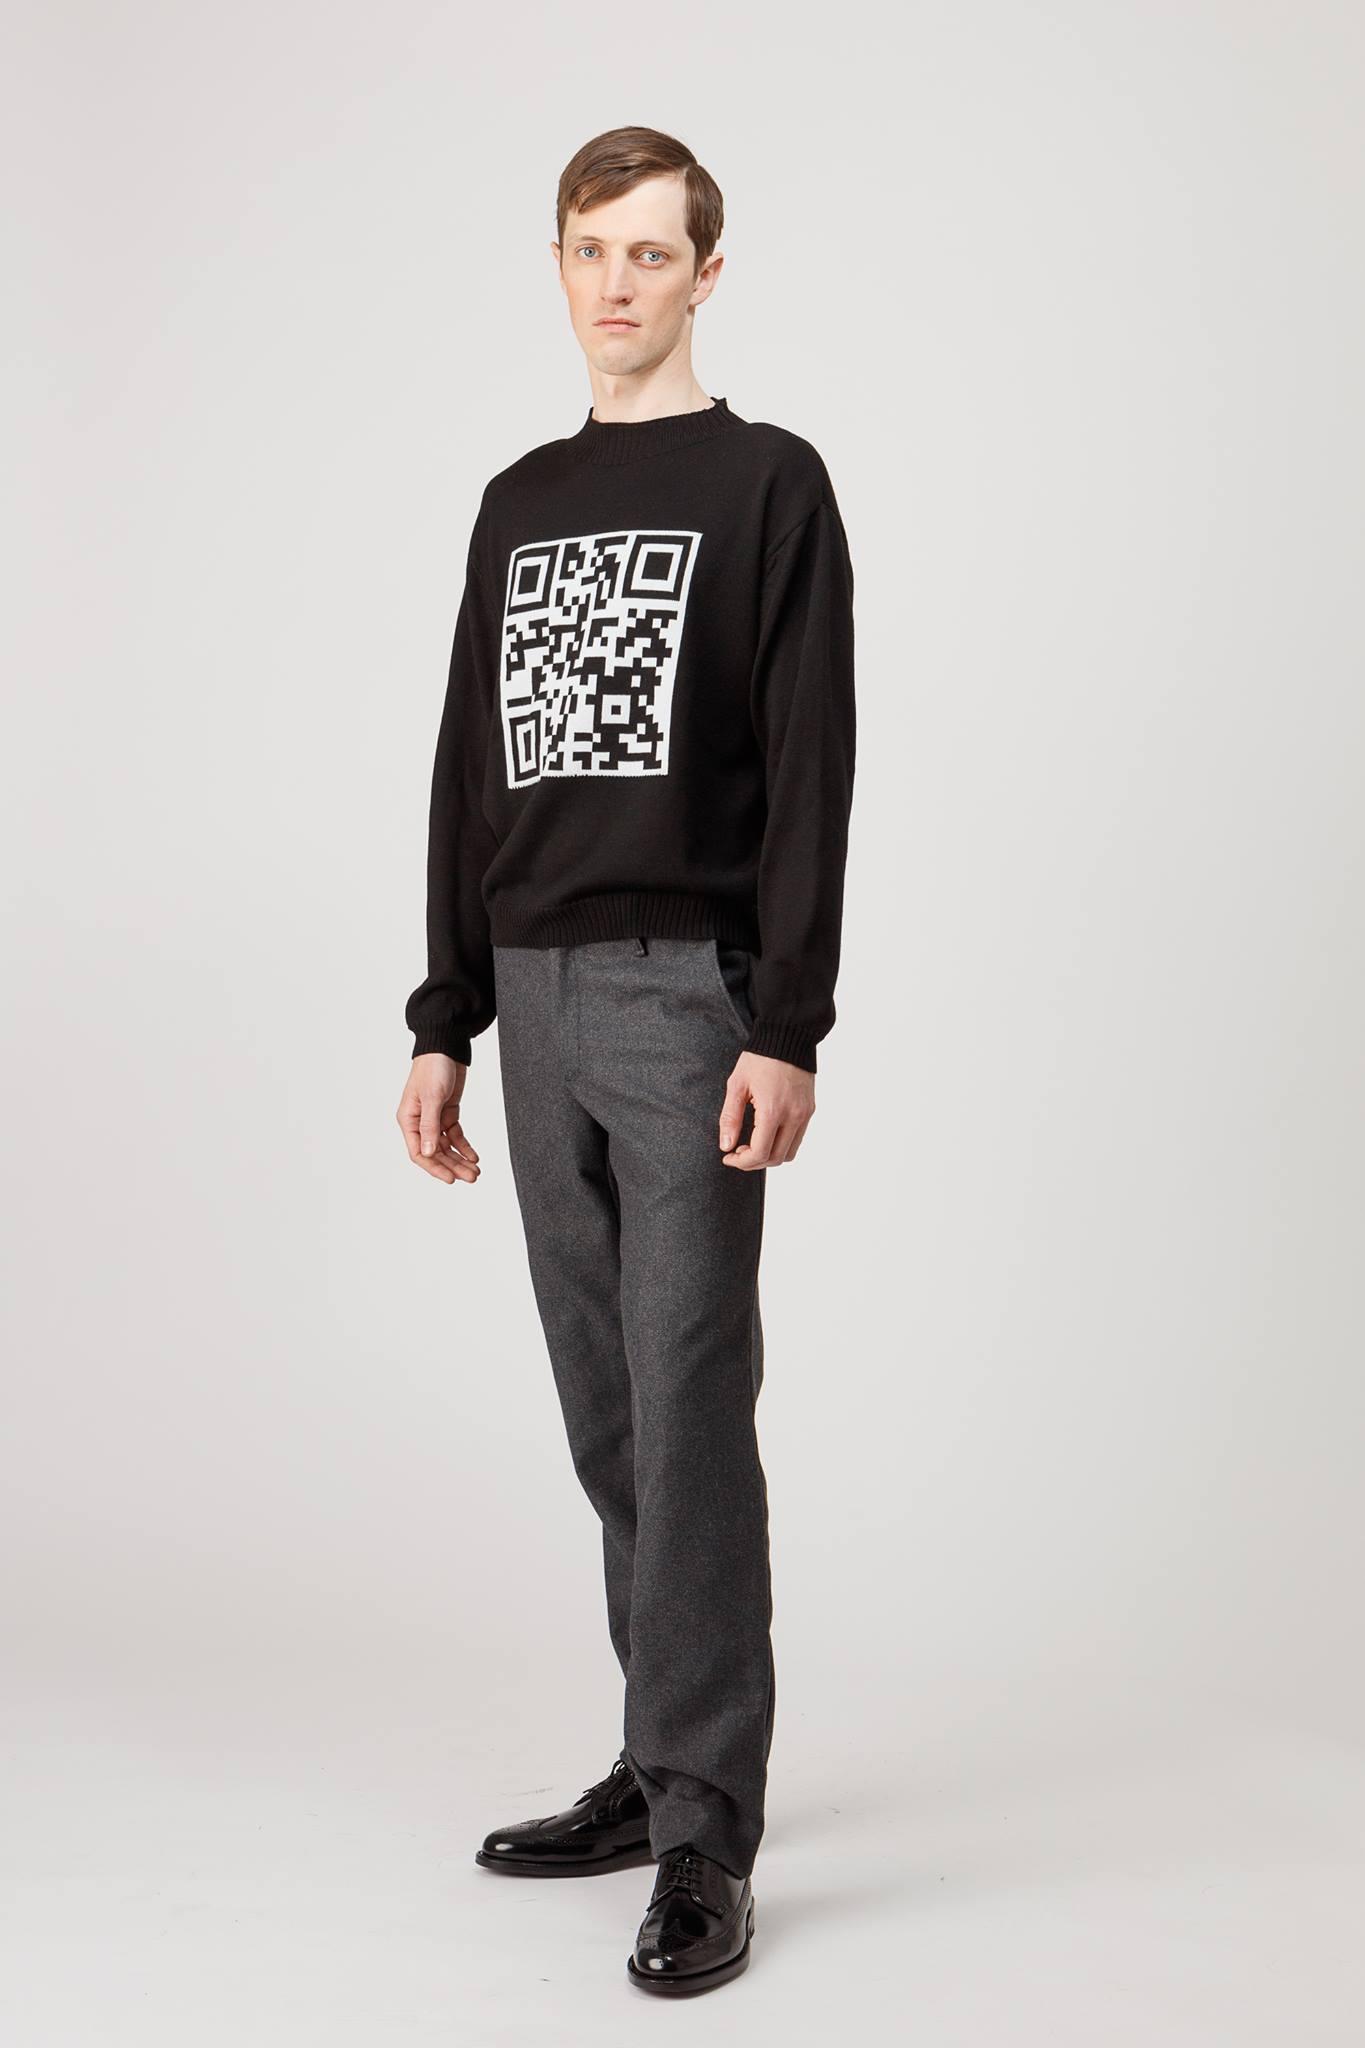 Mercedes Morin : Une collection inspirée par l'ère numérique